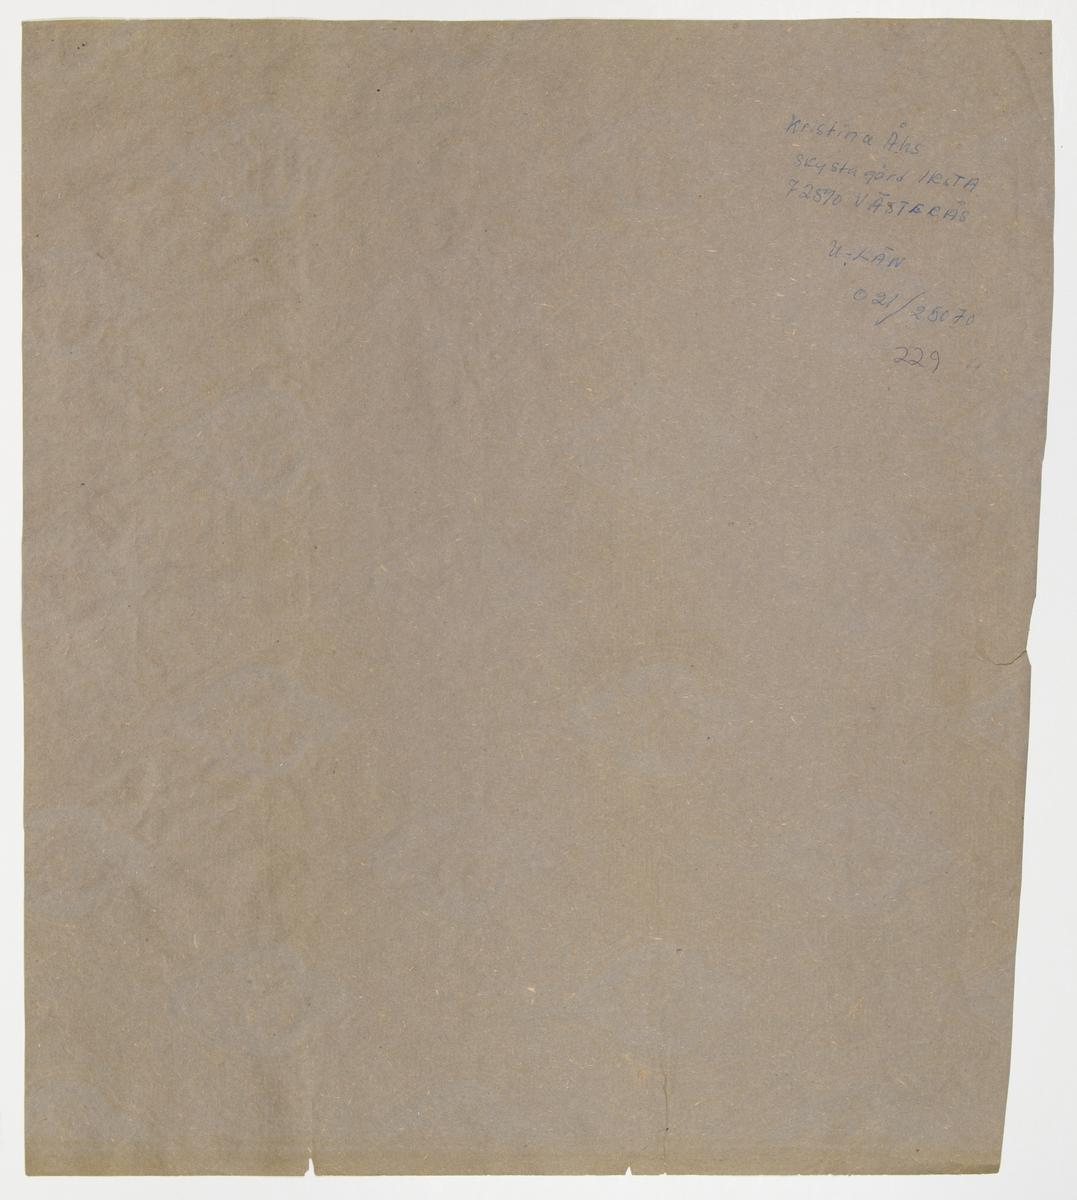 Grått genomfärgat papper med ett medaljongmönster, där varje medaljong innehåller en ros och är dekorerad med franska liljan. En växtranka breder ut sig runt mönsterdelarna. Tryck i vitt och vinrött.